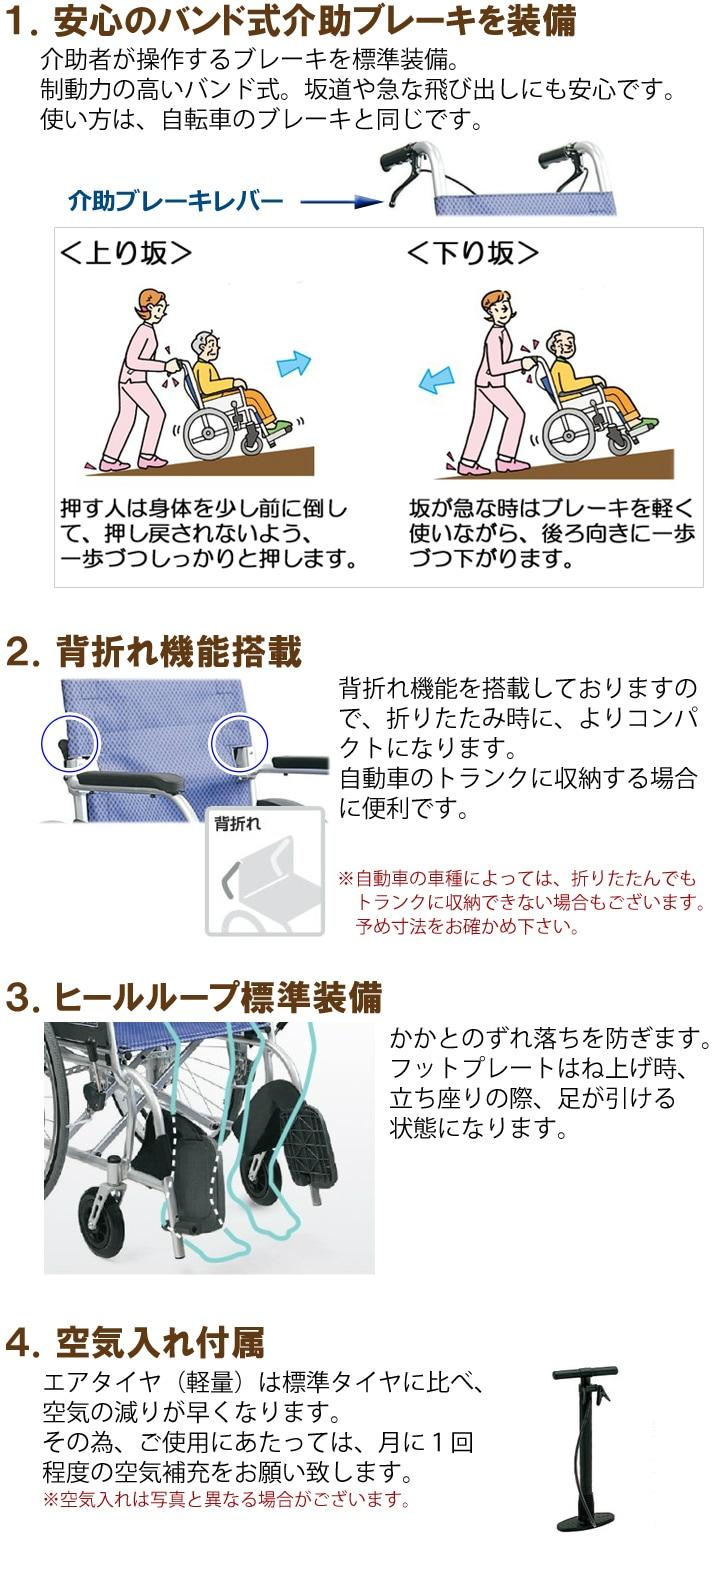 自走用車いす KF22-40SB「ふわりす(自走用)」の機能説明